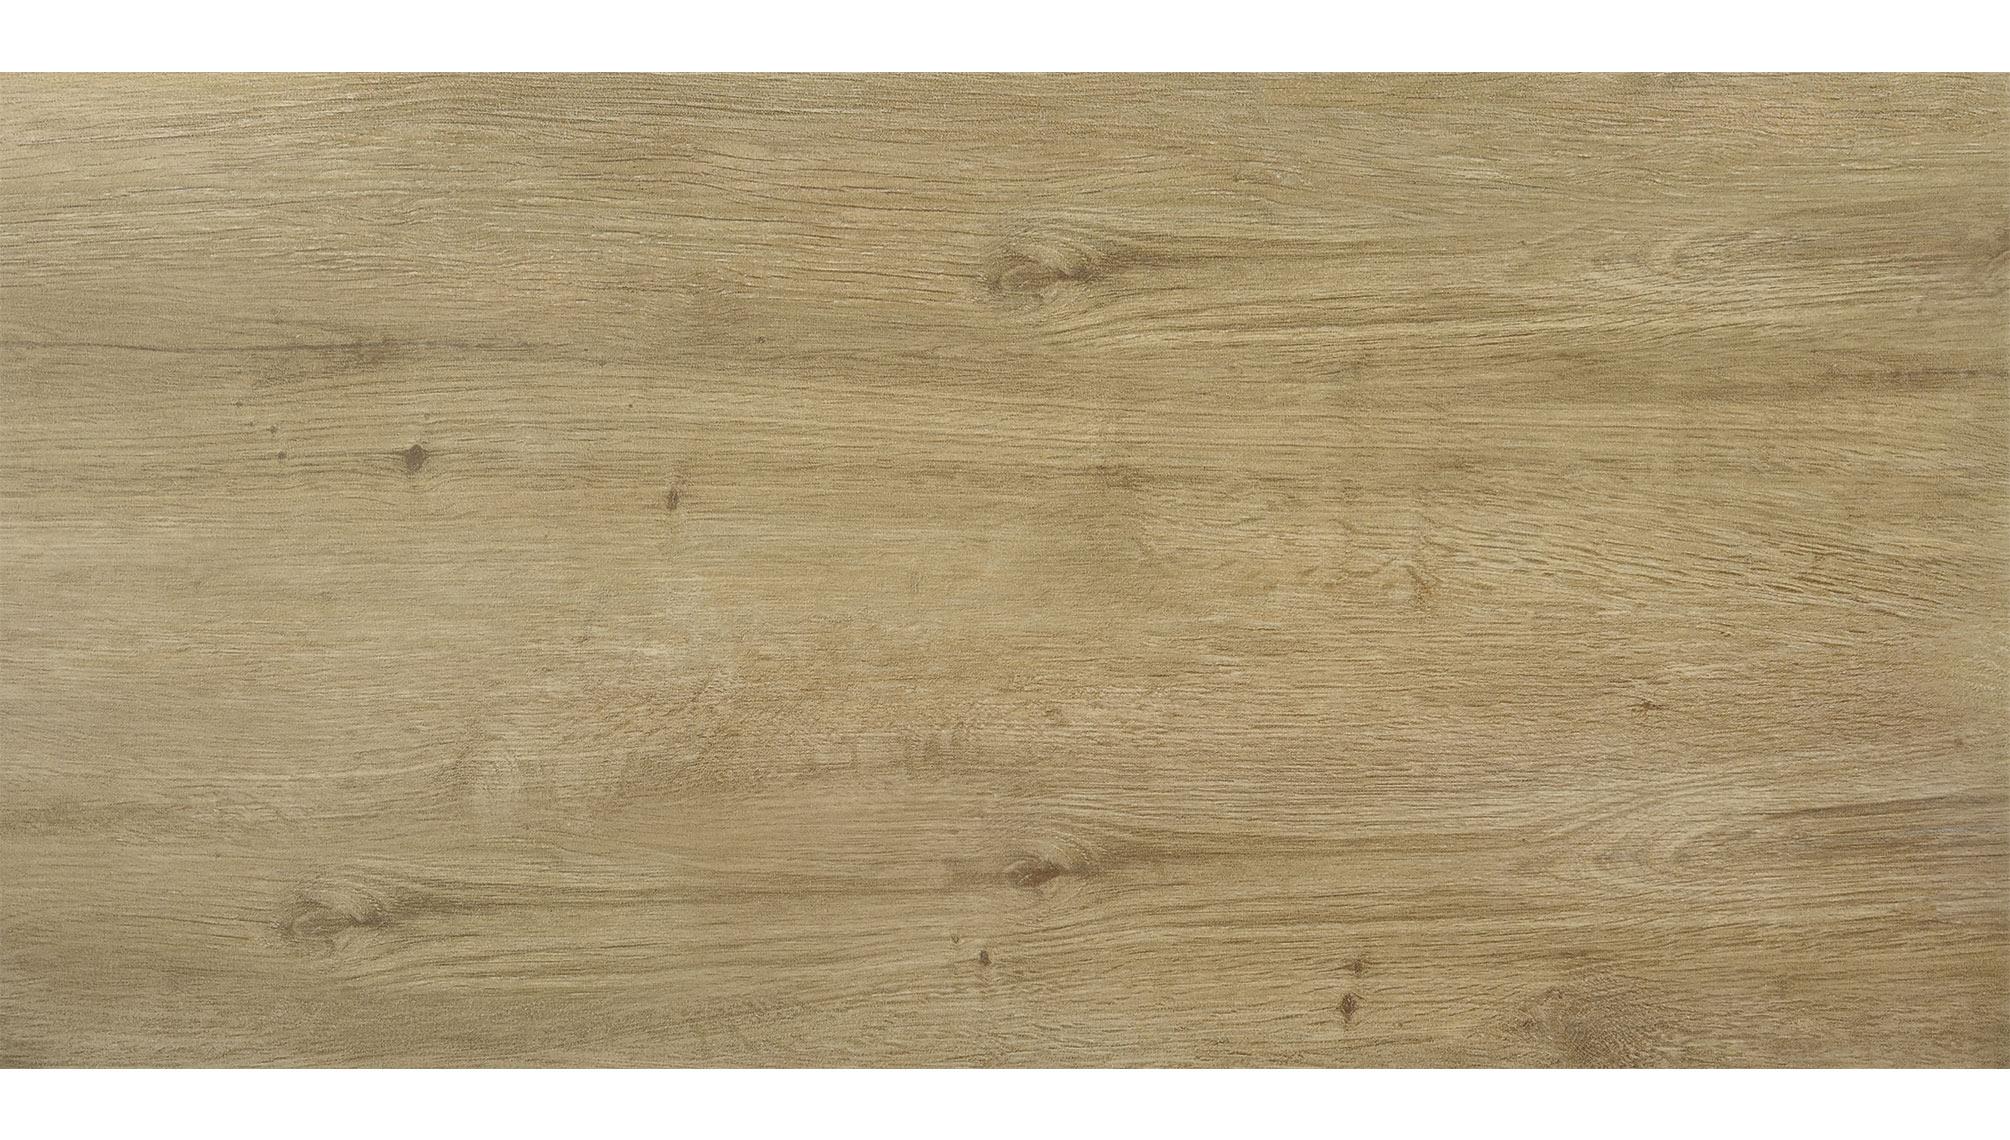 Scandinavische Eiche Holzoptik Fliese   Fliesen20®